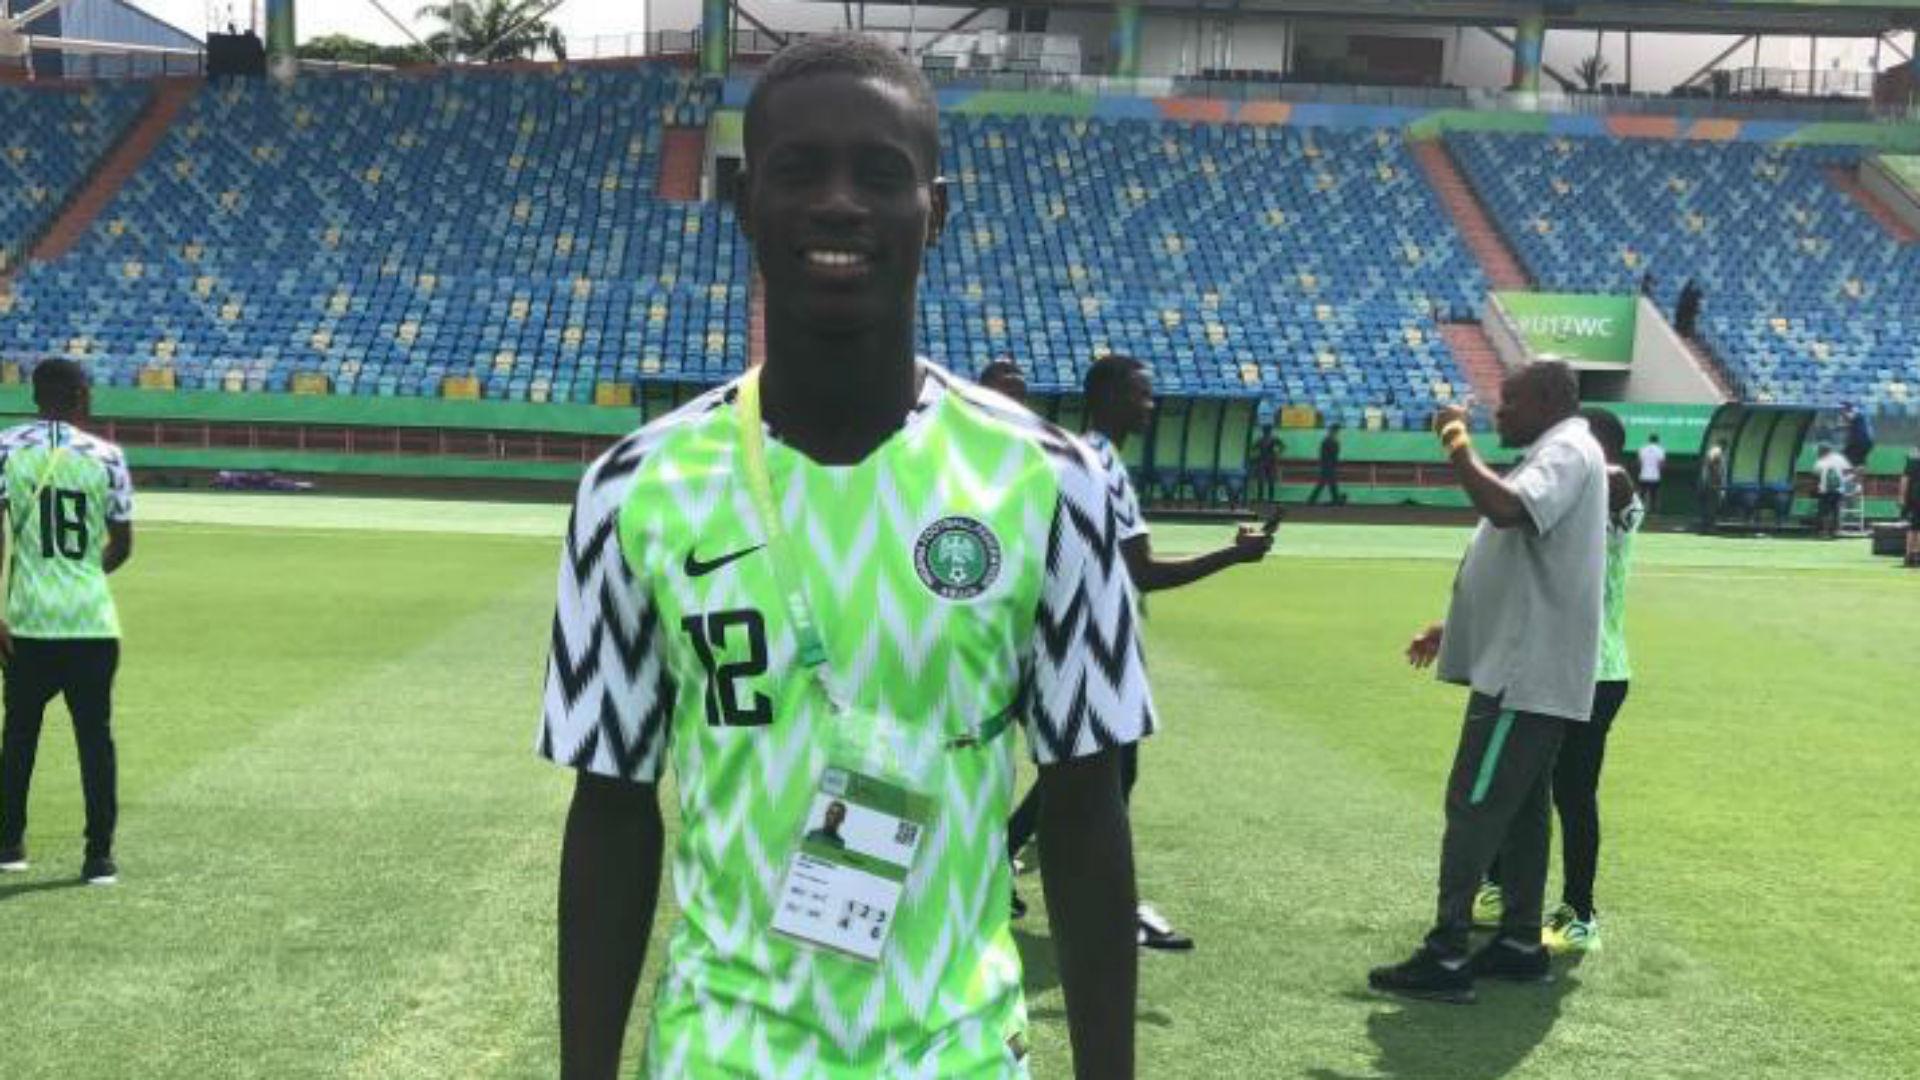 Australia beat Nigeria 2-1